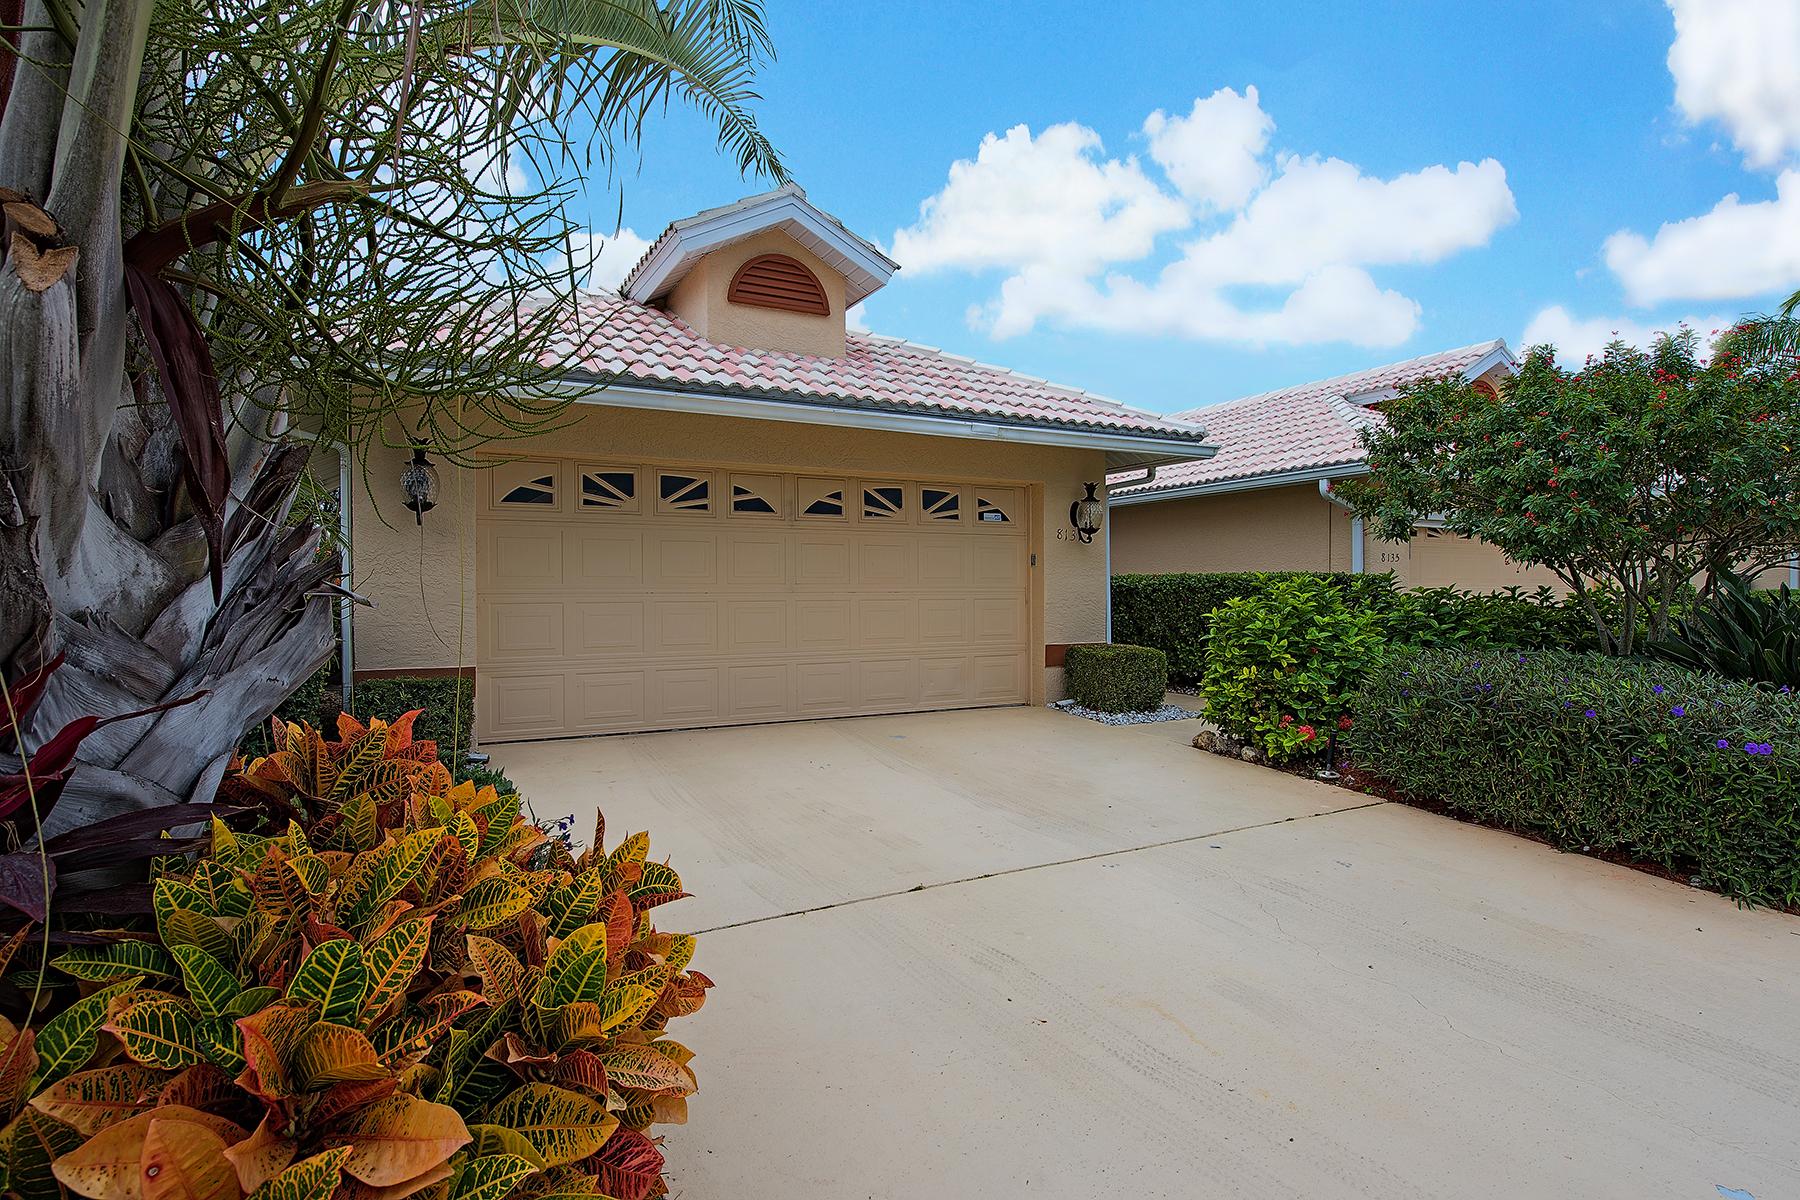 Stadthaus für Verkauf beim LELY COUNTRY CLUB - PALOMINO VILLAGE 8131 Palomino Dr Naples, Florida, 34113 Vereinigte Staaten